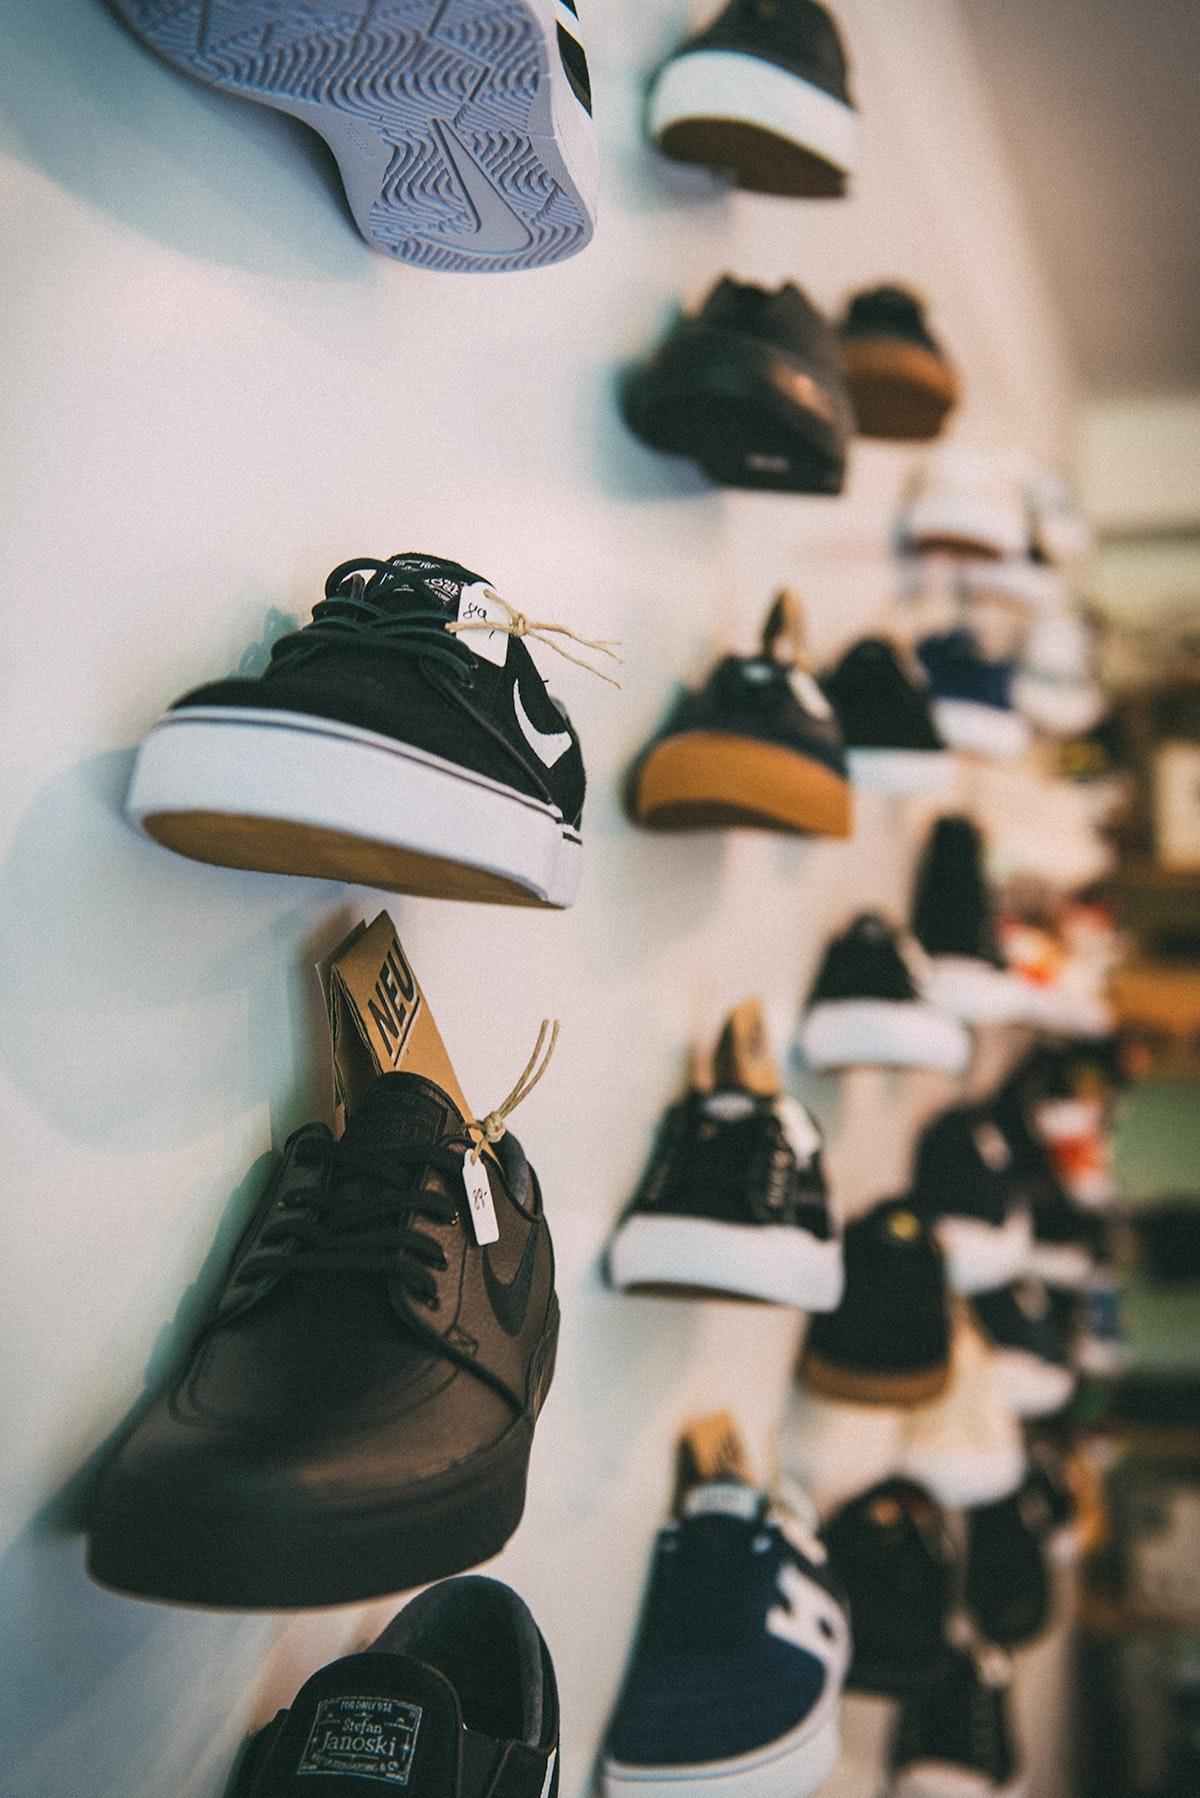 PIVOT Skateshop